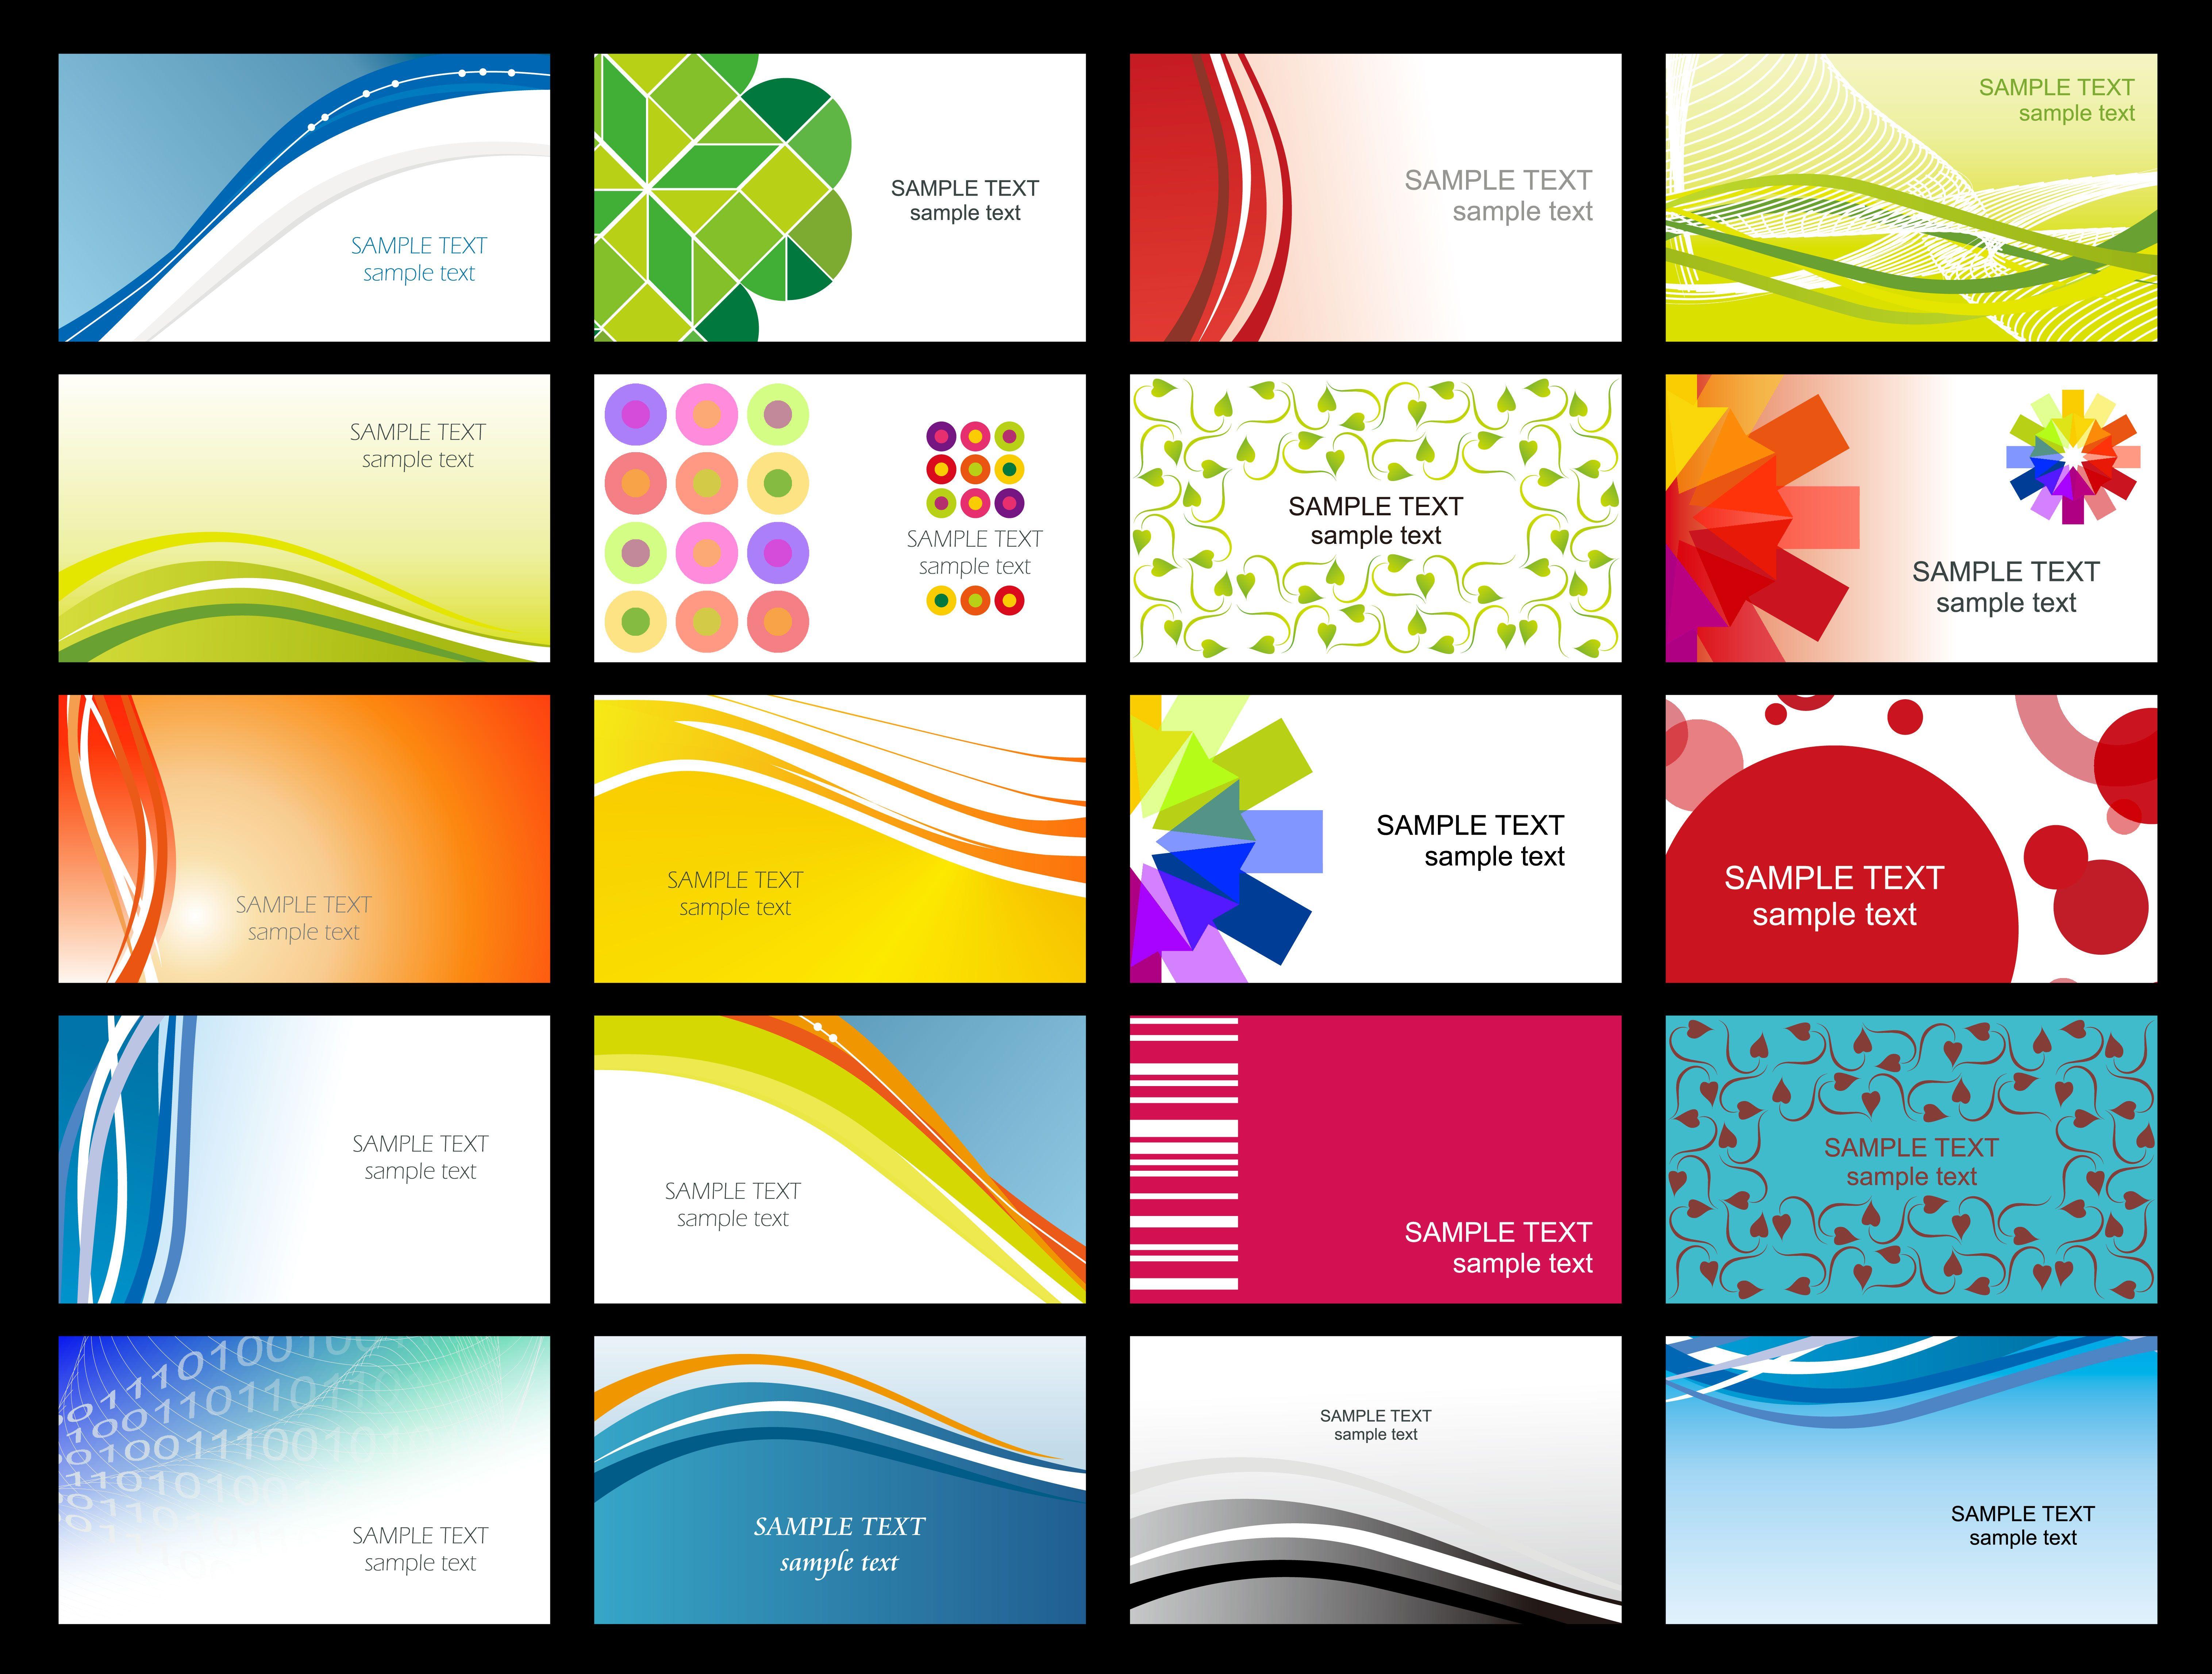 Business Visitenkarten Design Download In